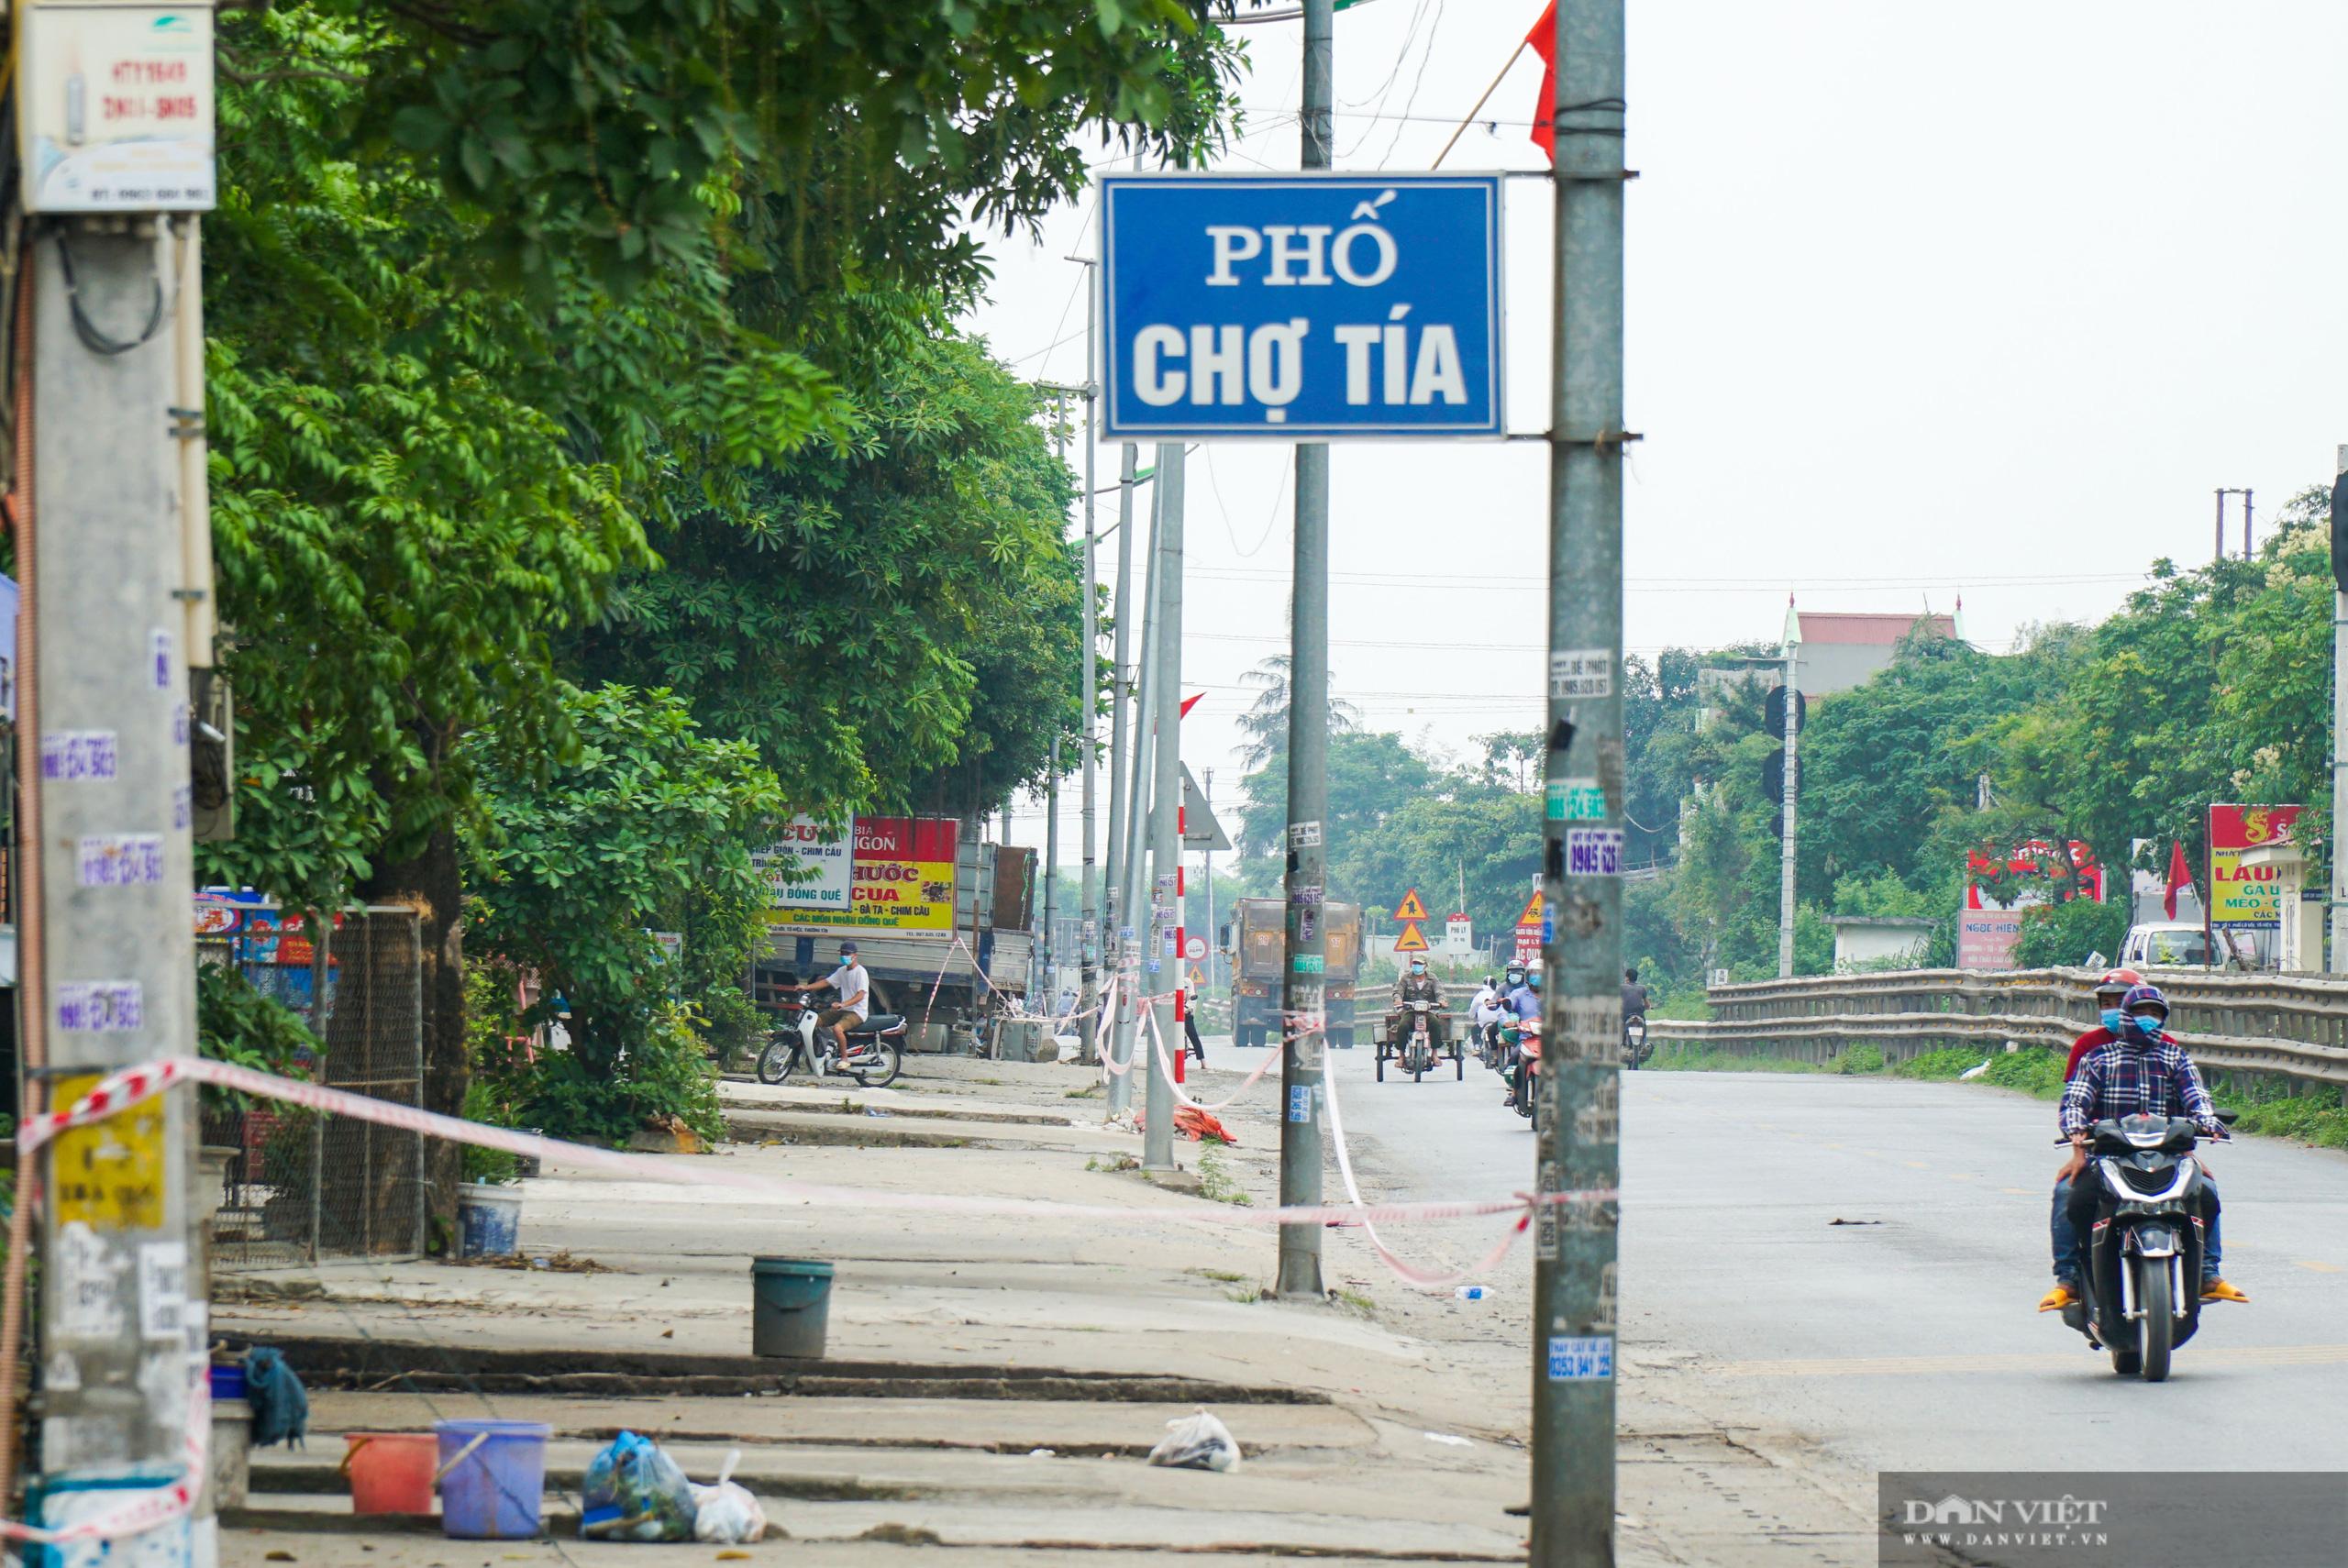 Hàng trăm hộ dân dọc quốc lộ 1A bị chằng dây phong tỏa vì dịch Covid-19 - Ảnh 1.